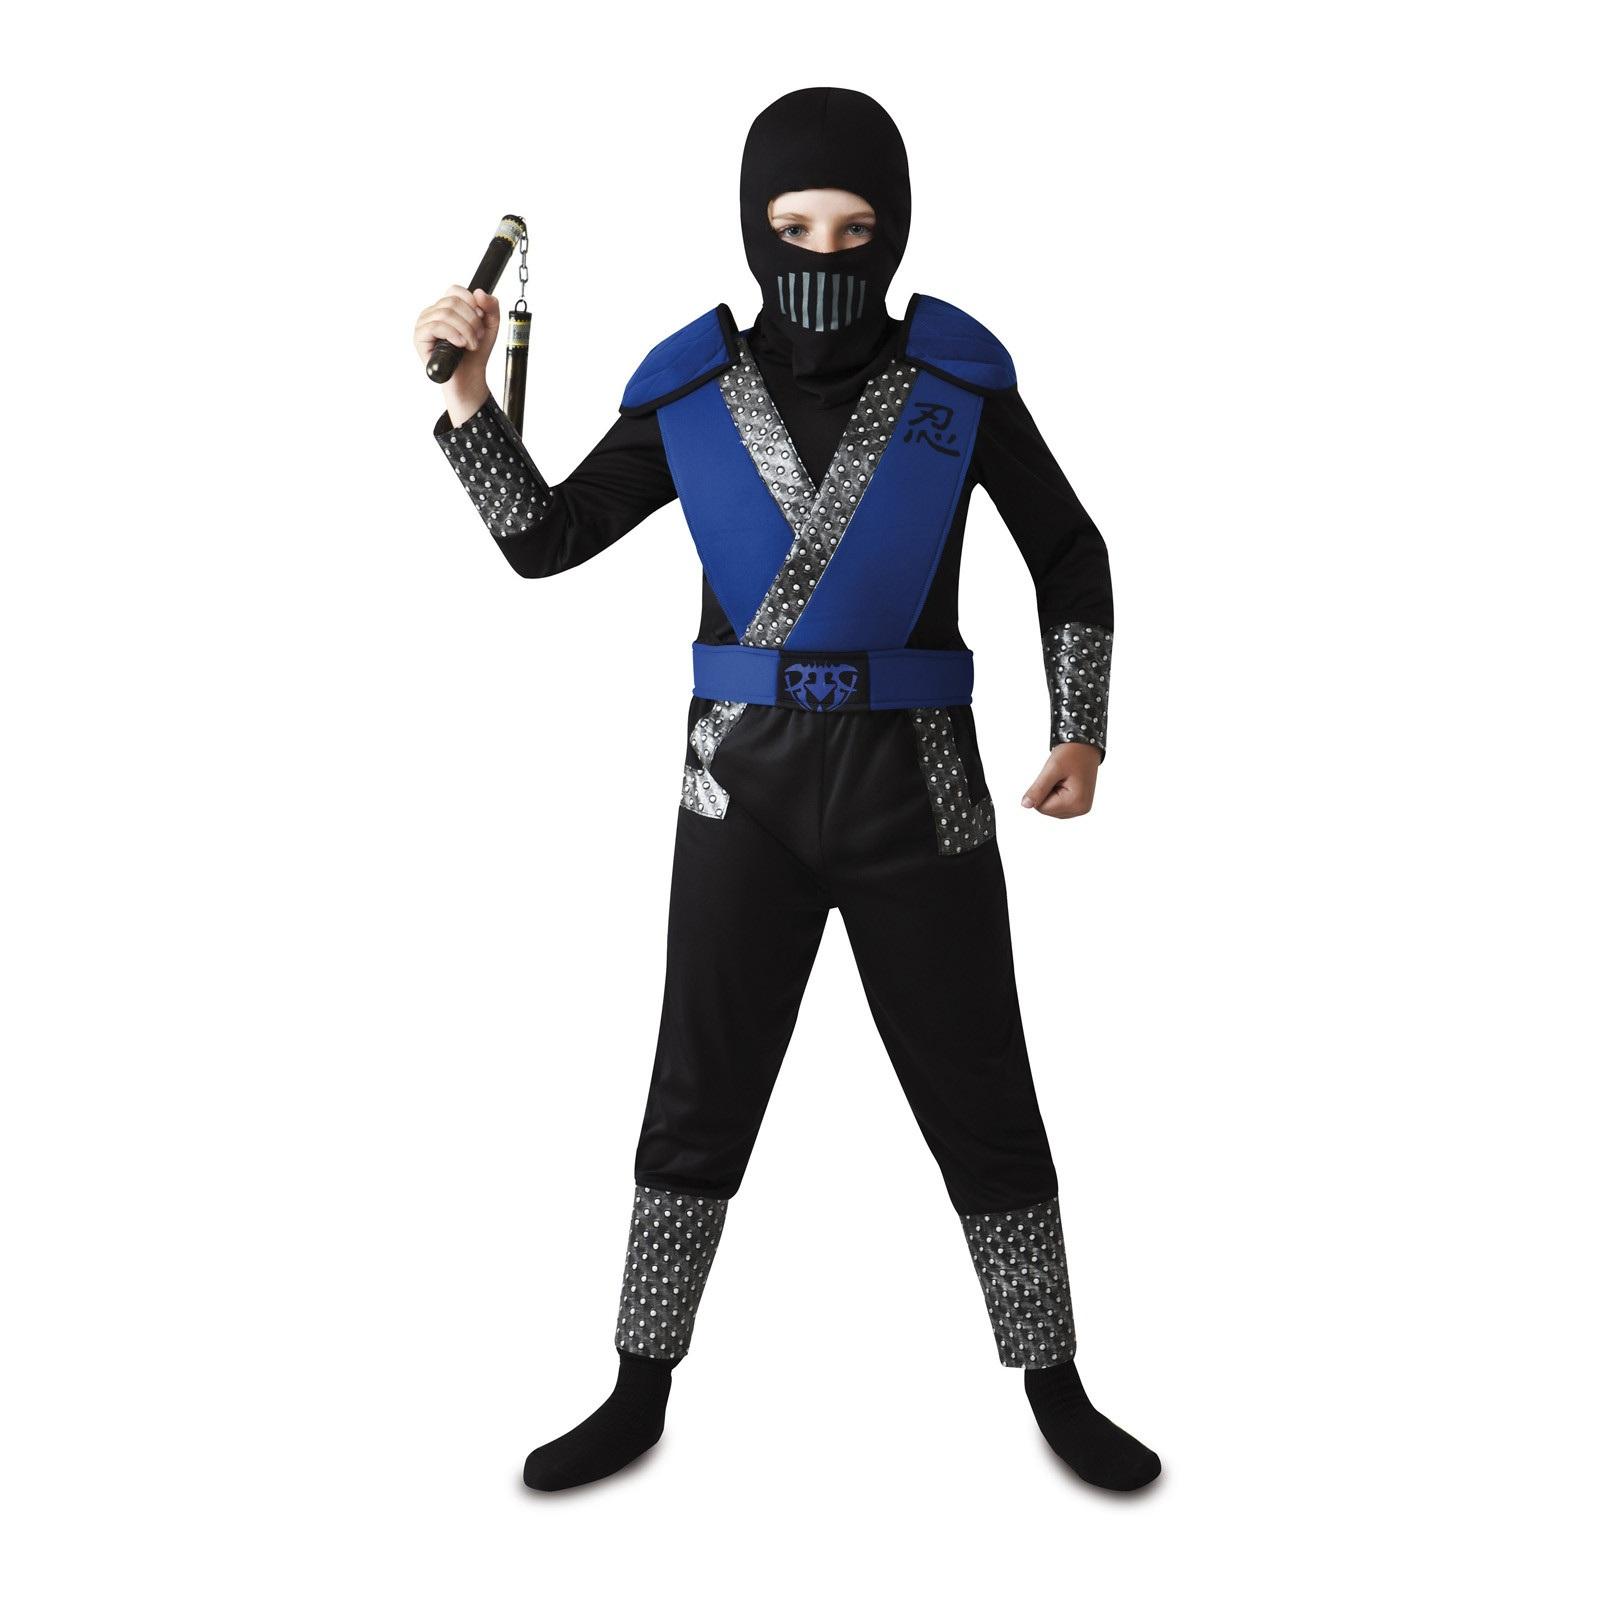 disfraz ninja azul niño 203140mom - DISFRAZ DE NINJA AZUL NIÑO